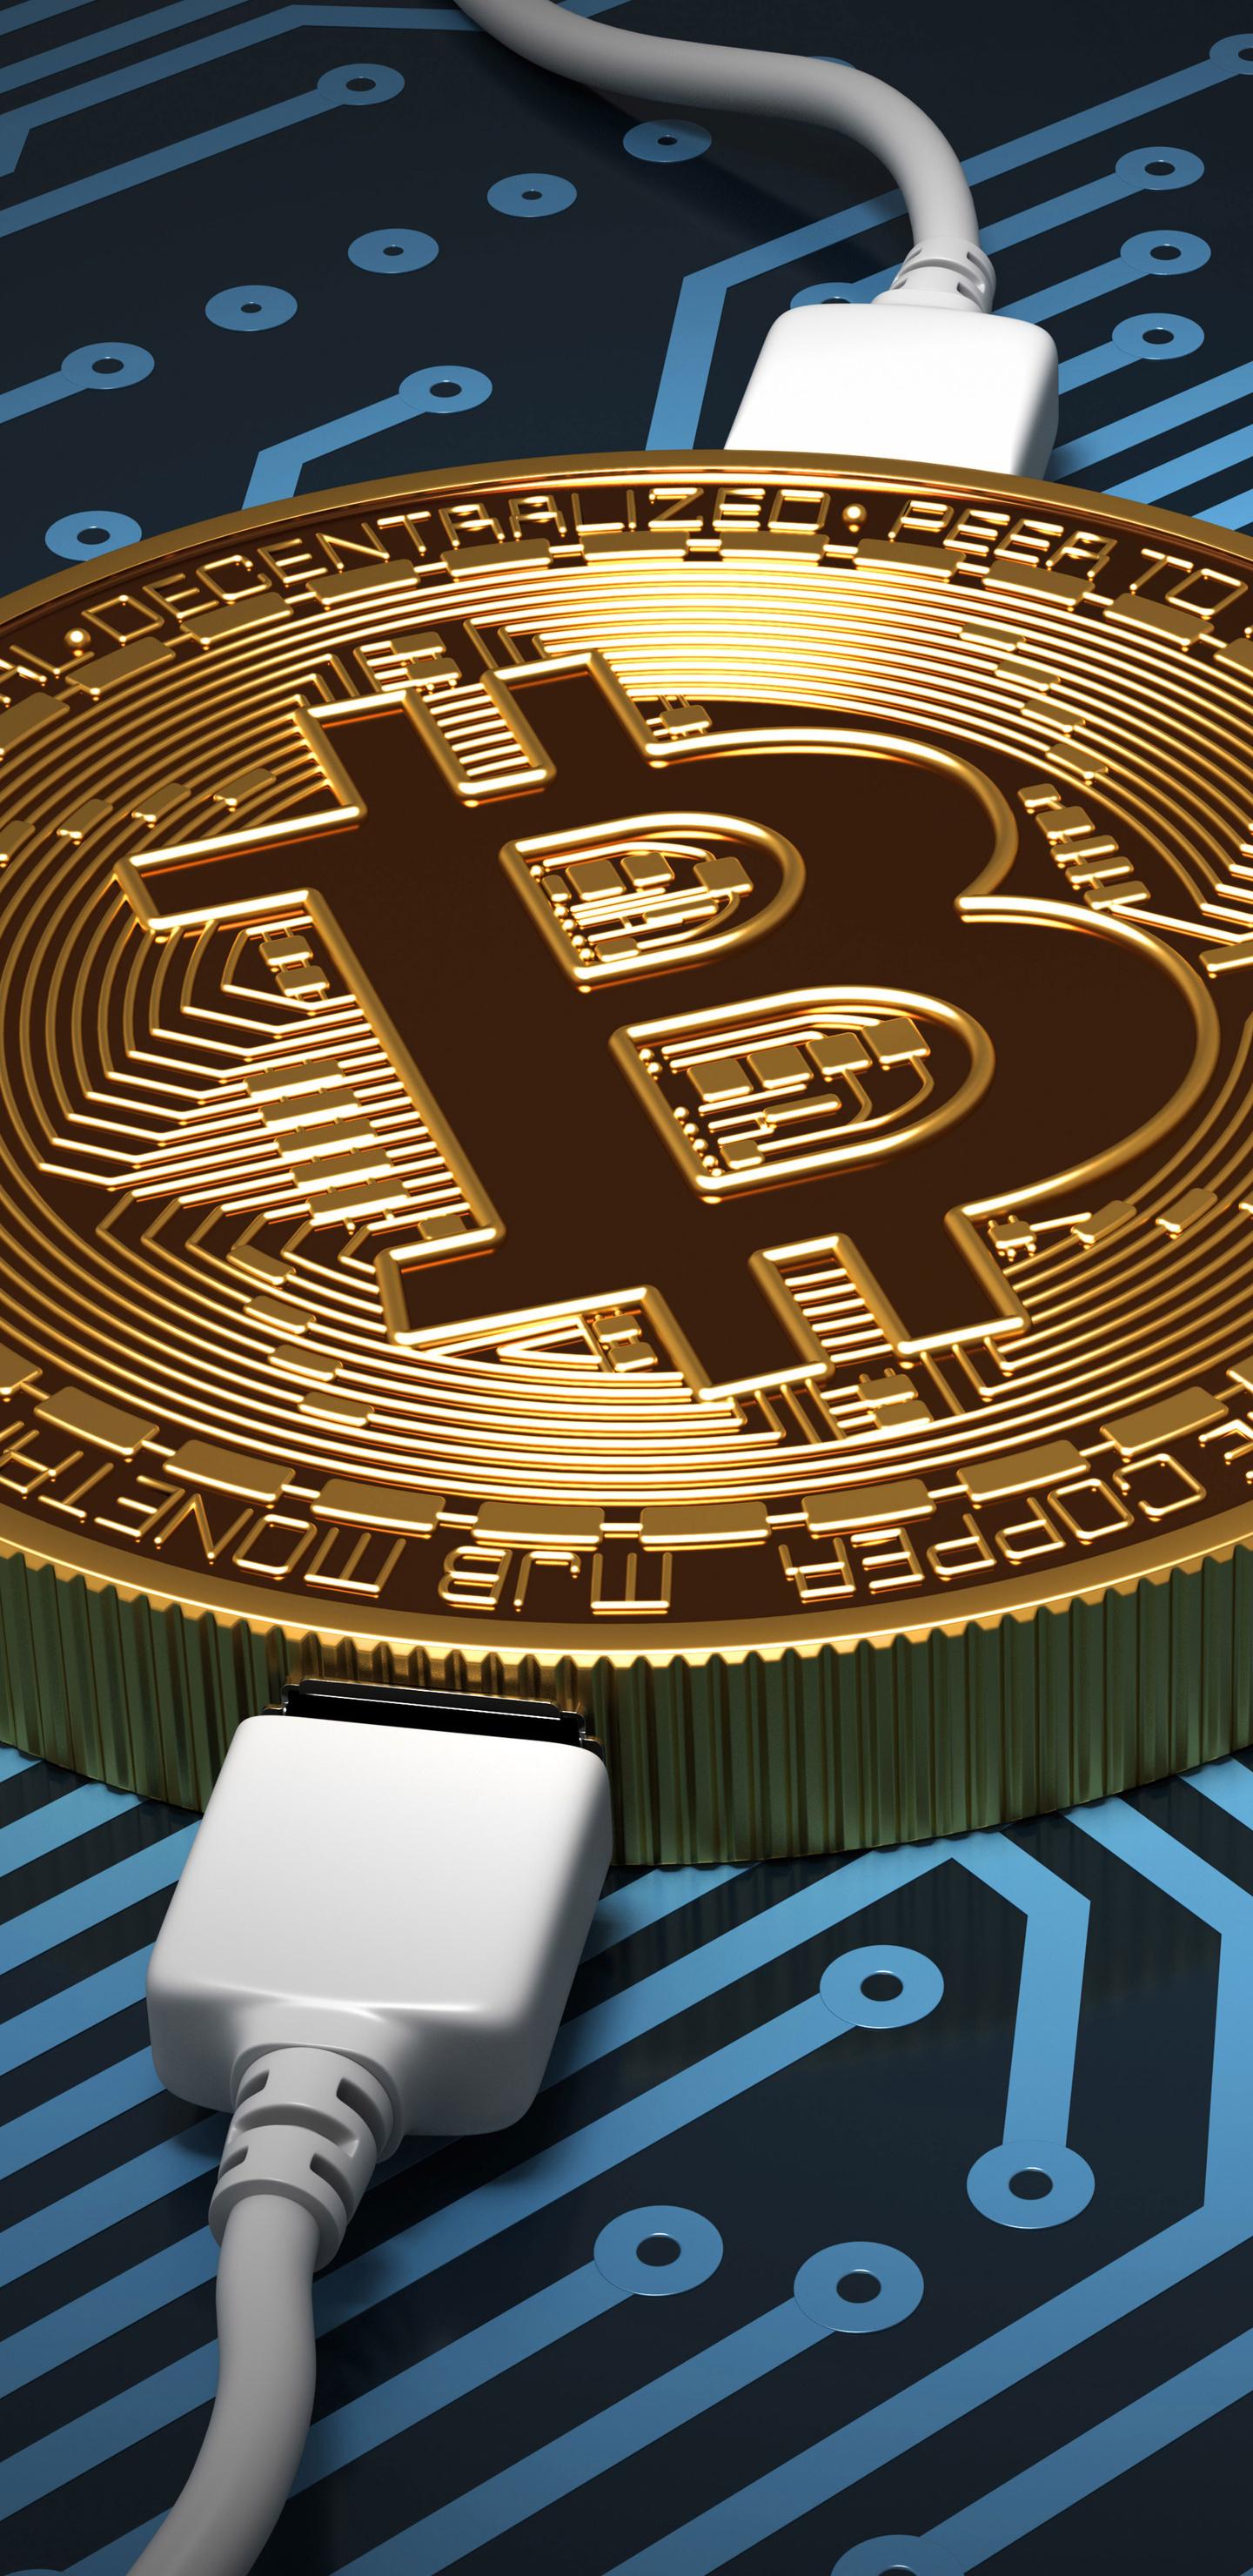 bitcoin-8k-2b.jpg